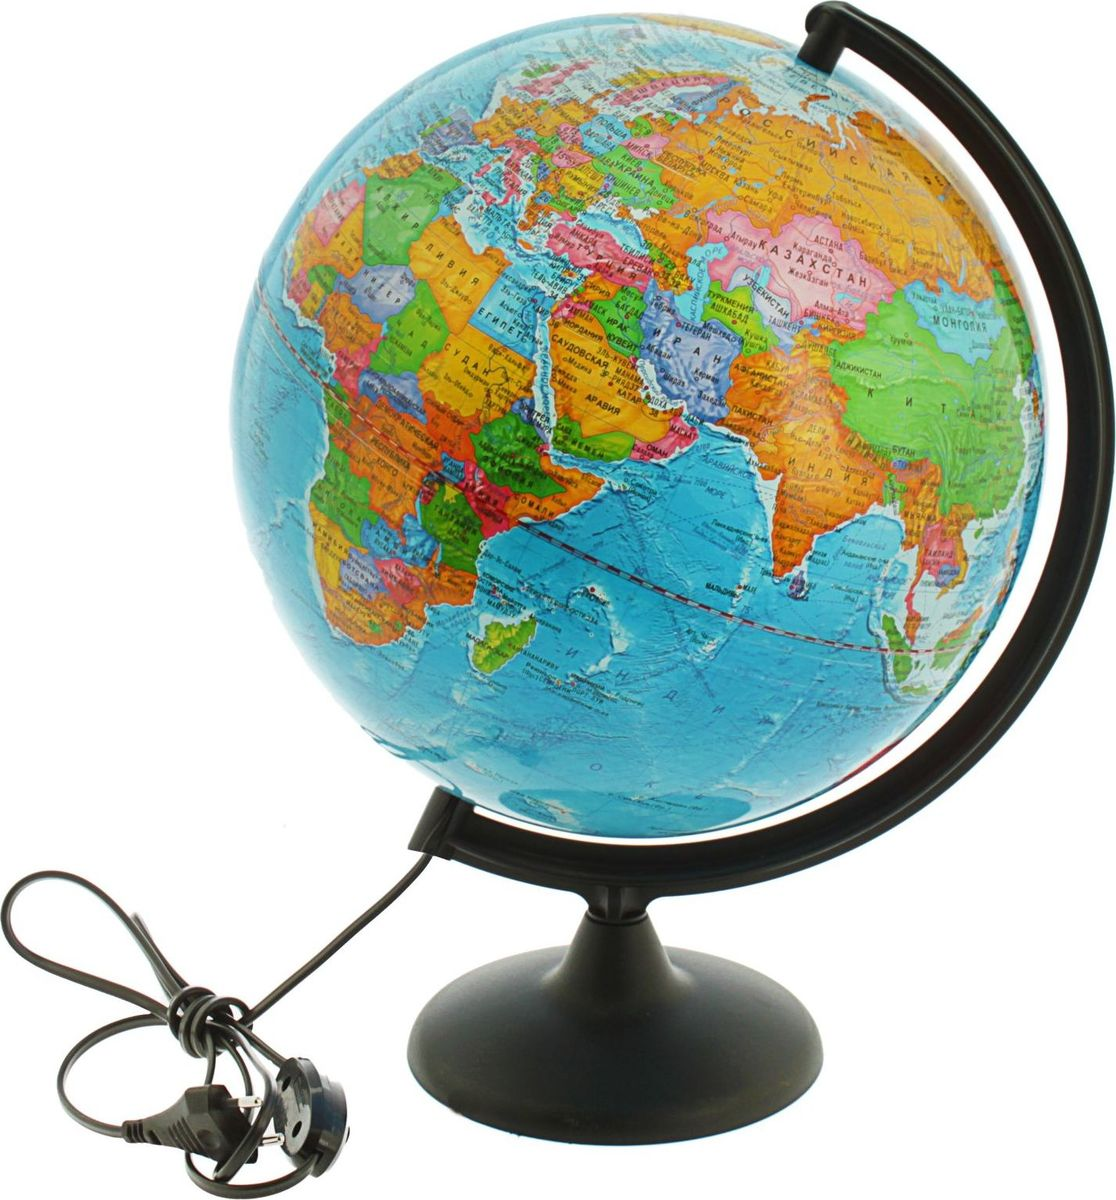 Глобусный мир Глобус политический с подсветкой диаметр 30 см1065222Глобус для всех, глобус каждому!Глобус - самый простой способ привить ребенку любовь к географии. Он является отличным наглядным примером, который способен в игровой доступной и понятной форме объяснить понятия о планете Земля.Также интерес к глобусам проявляют не только детки, но и взрослые. Для многих уменьшенная копия планеты заменяет атлас мира из-за своей доступности и универсальности.Умный подарок! Кому принято дарить глобусы? Всем! Глобус политический диаметр с подсветкой - это уменьшенная копия земного шара, в которой каждый найдет для себя что-то свое:-путешественники и заядлые туристы смогут отмечать с помощью стикеров те места, в которых побывали или собираются их посетить;-деловые и успешные люди оценят такой подарок по достоинству, потому что глобус ассоциируется со статусом и властью;-преподаватели, ученые, студенты или просто неординарные личности также найдут для глобуса достойное место в своем доме.